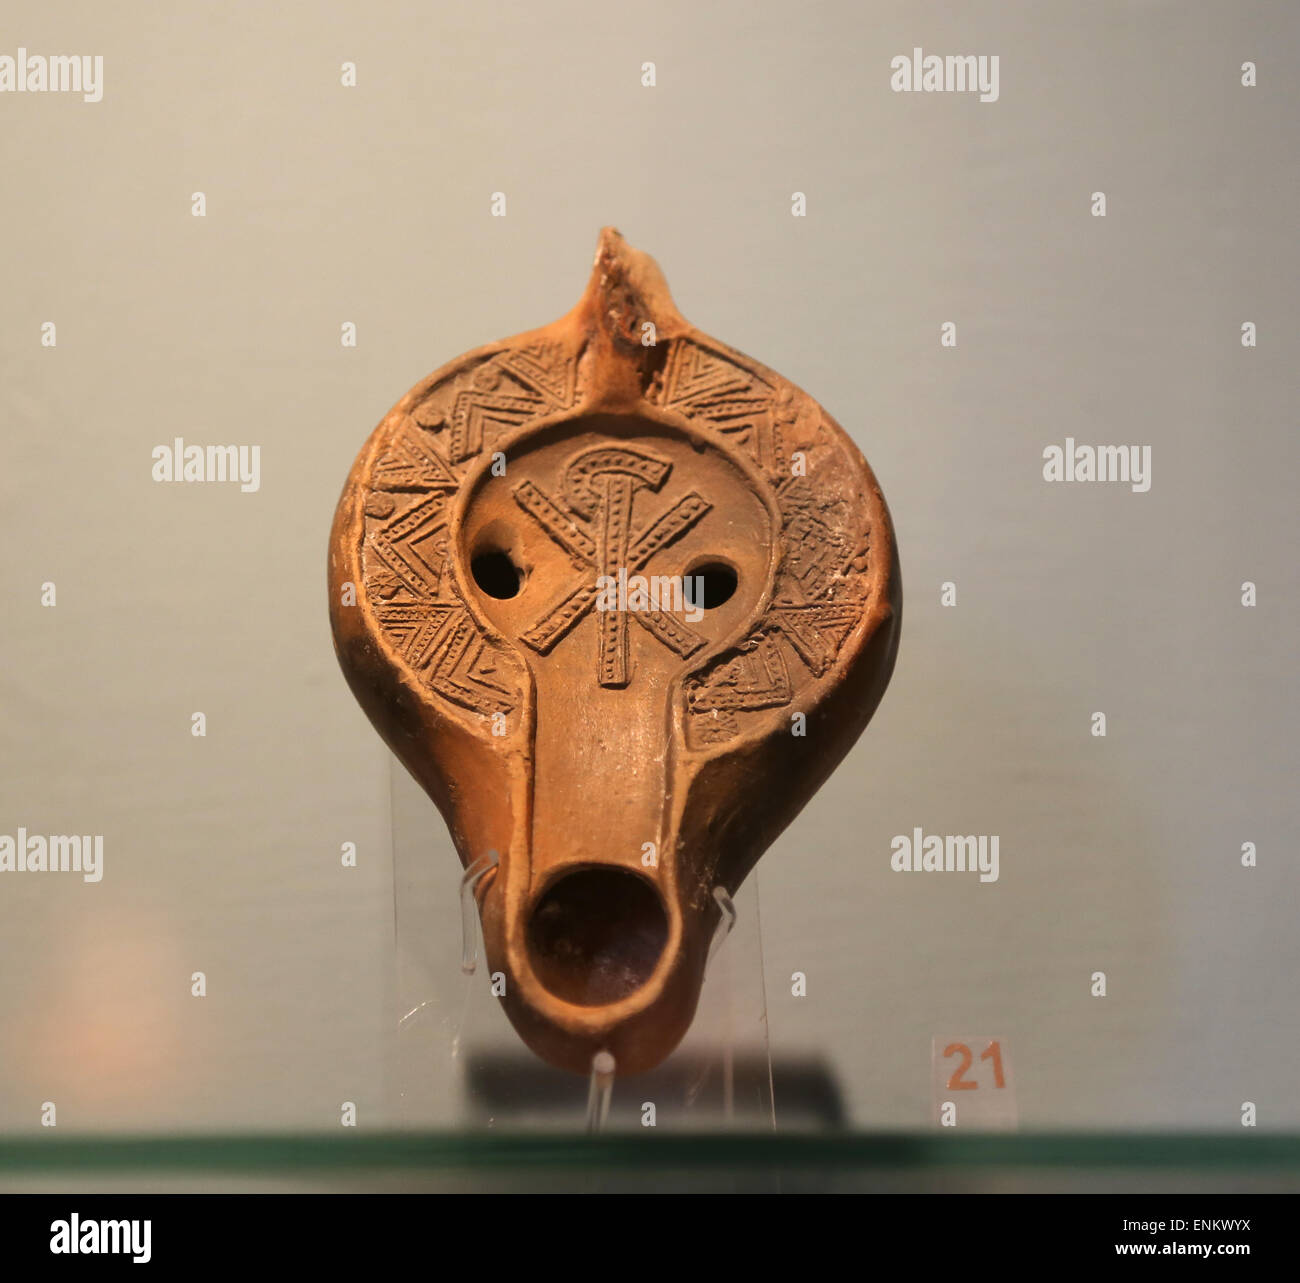 Dei primi cristiani. Roman lampada a petrolio. Adornata con chi Rho simbolo. 4a-6a secolo D.C. Musei Vaticani. Città Immagini Stock